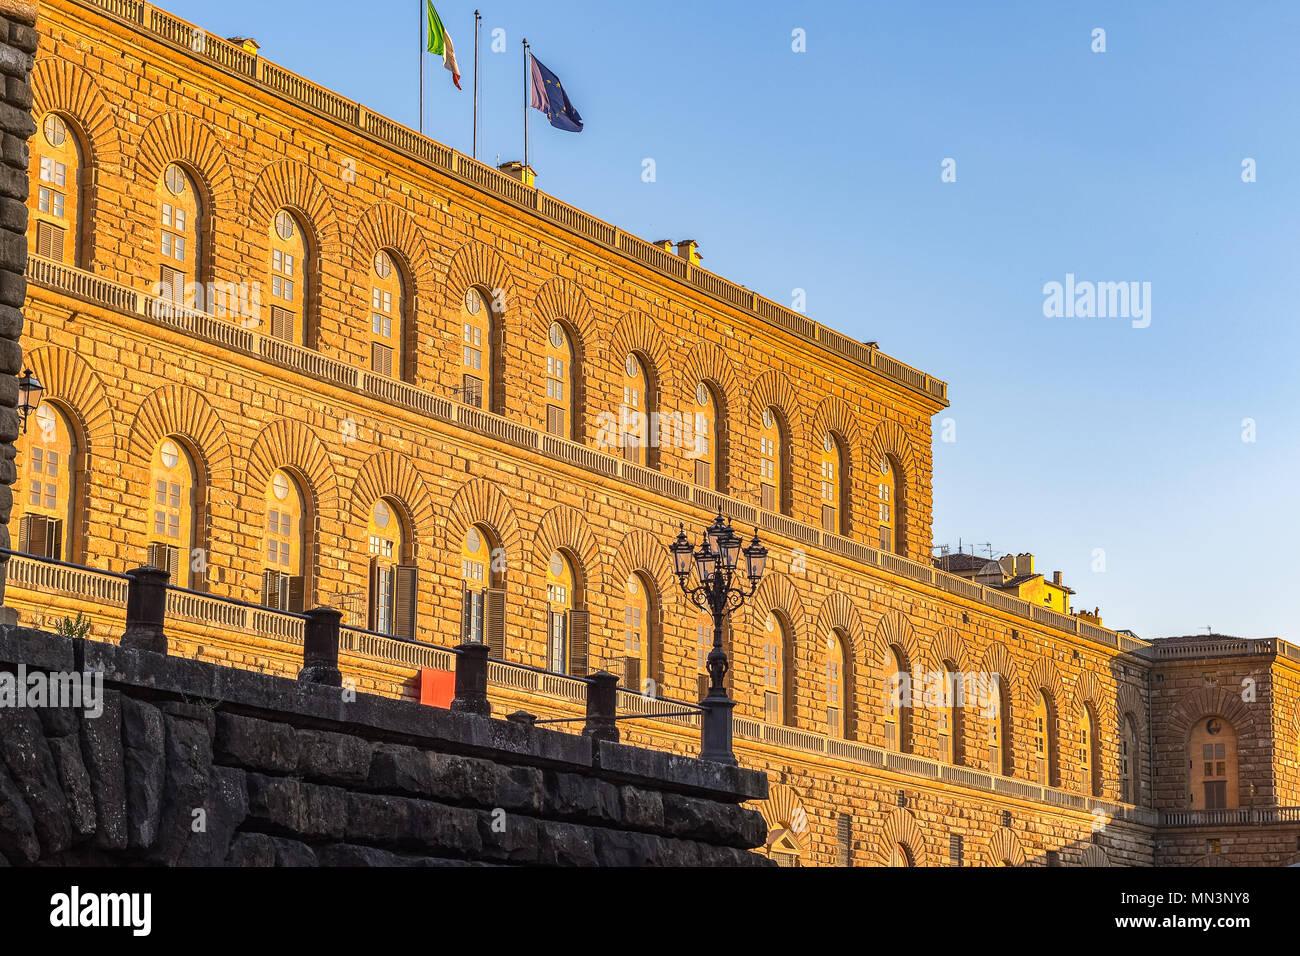 Luz dorada del sol alcanzaron la fachada del Palazzo Pitti (Palacio Pitti) en Florencia, Italia al atardecer Imagen De Stock